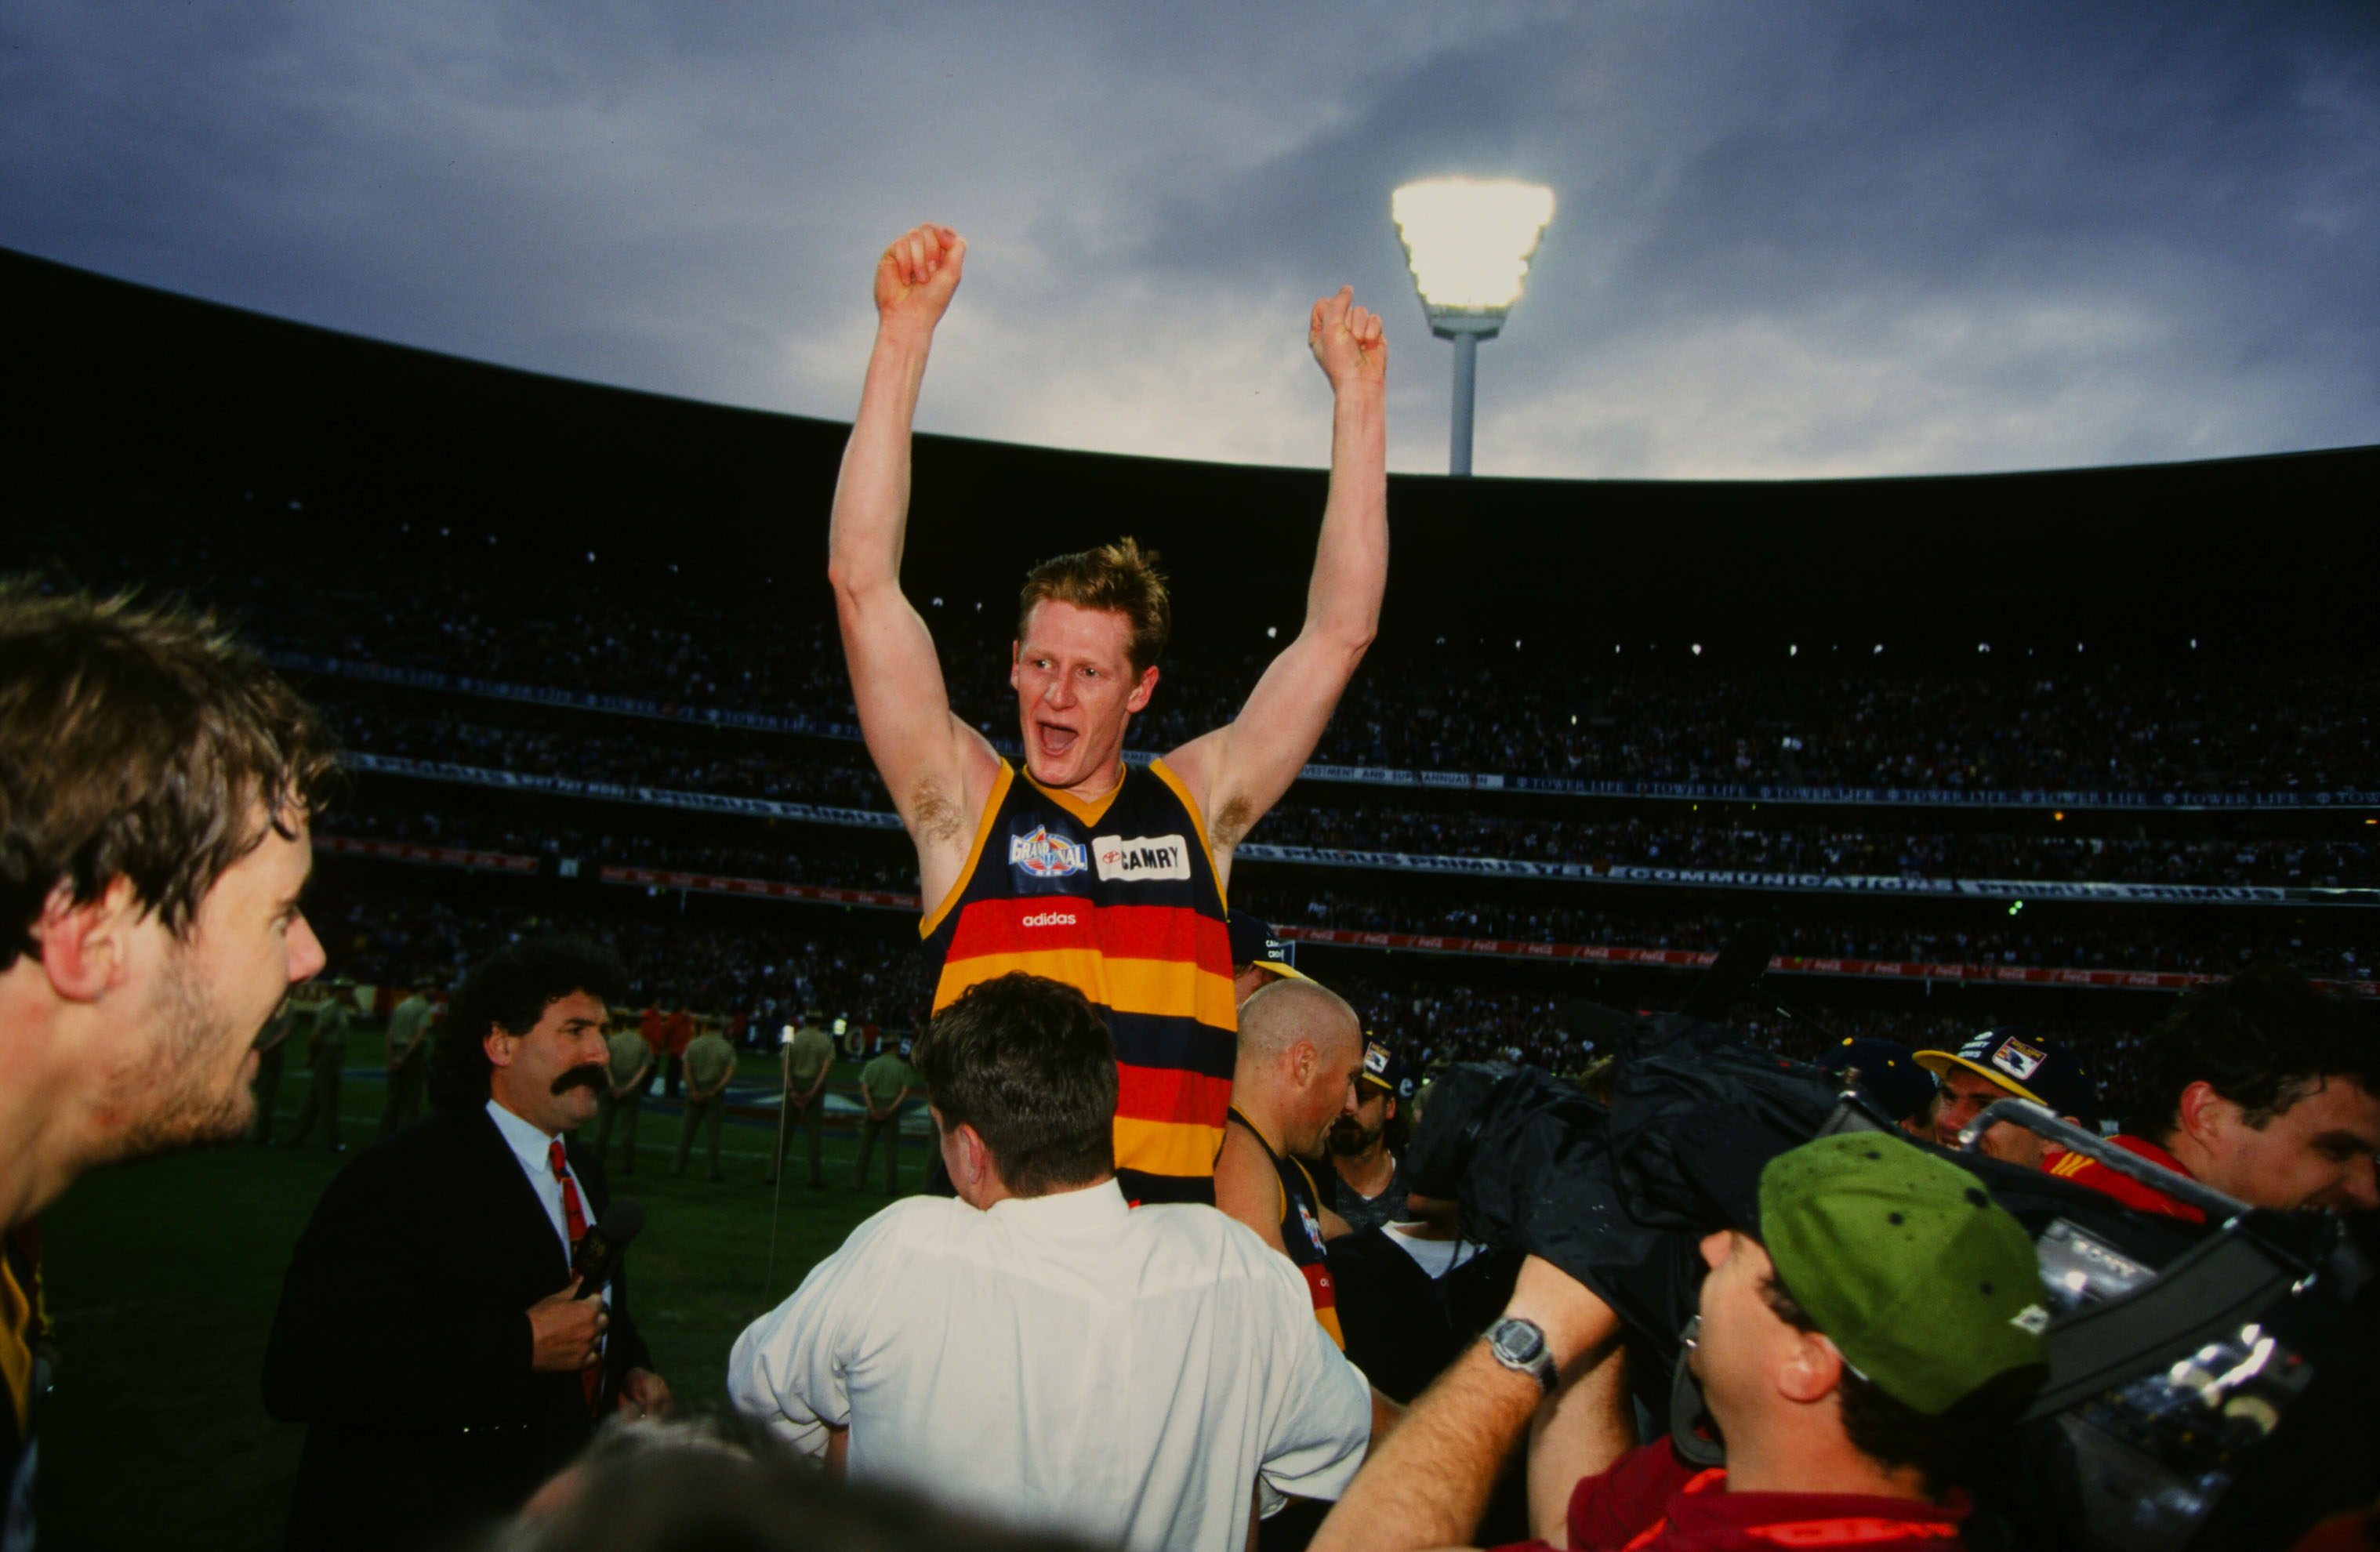 AFL 1997 Grand Final - St Kilda v Adelaide